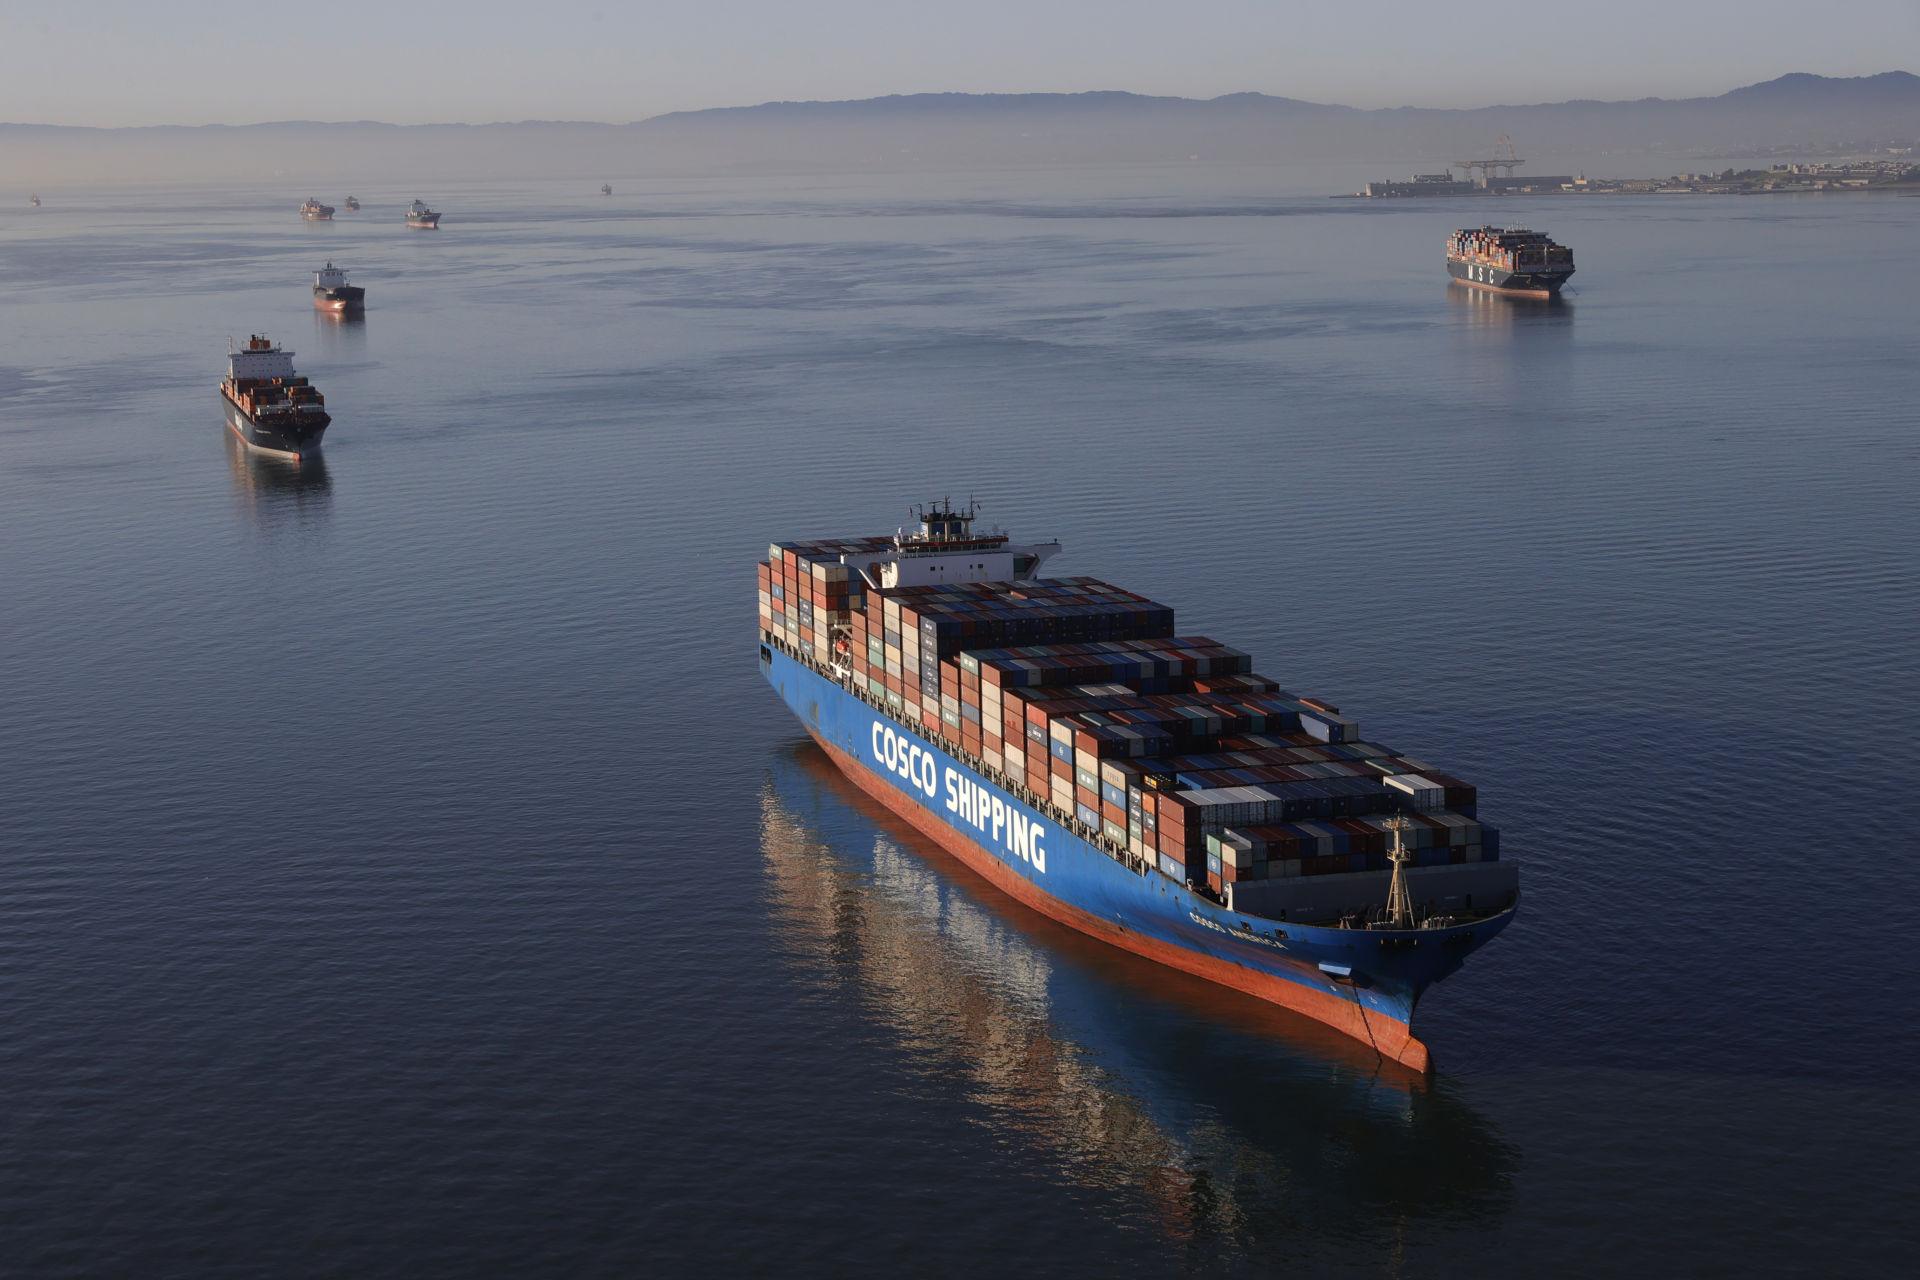 Tình trạng kẹt bến cảng trầm trọng ở California sẽ có ảnh hưởng đến khắp nước Mỹ